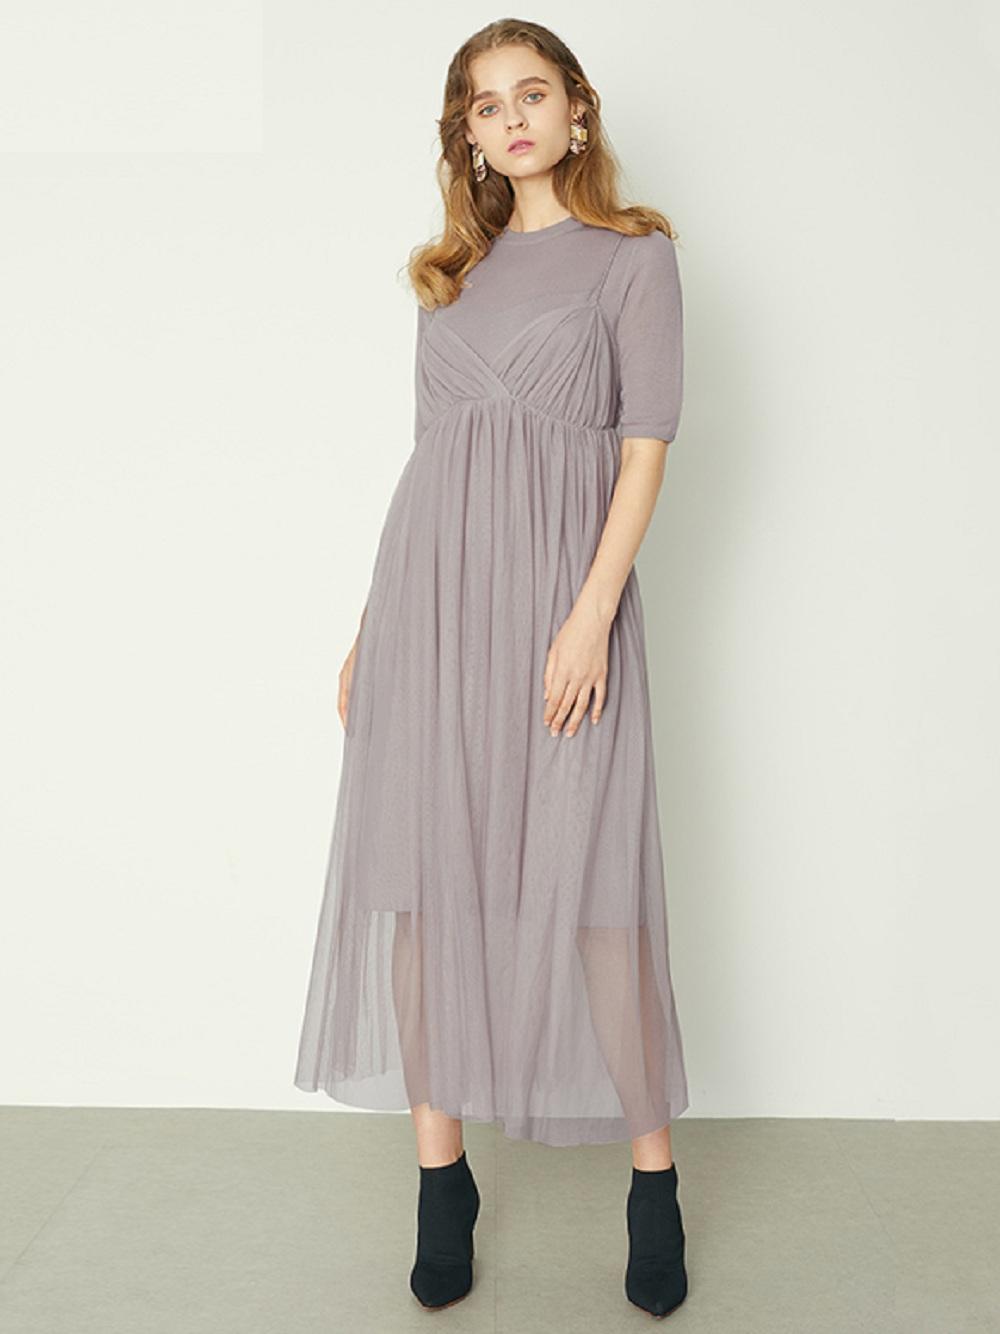 薄紗針織連身裙組合